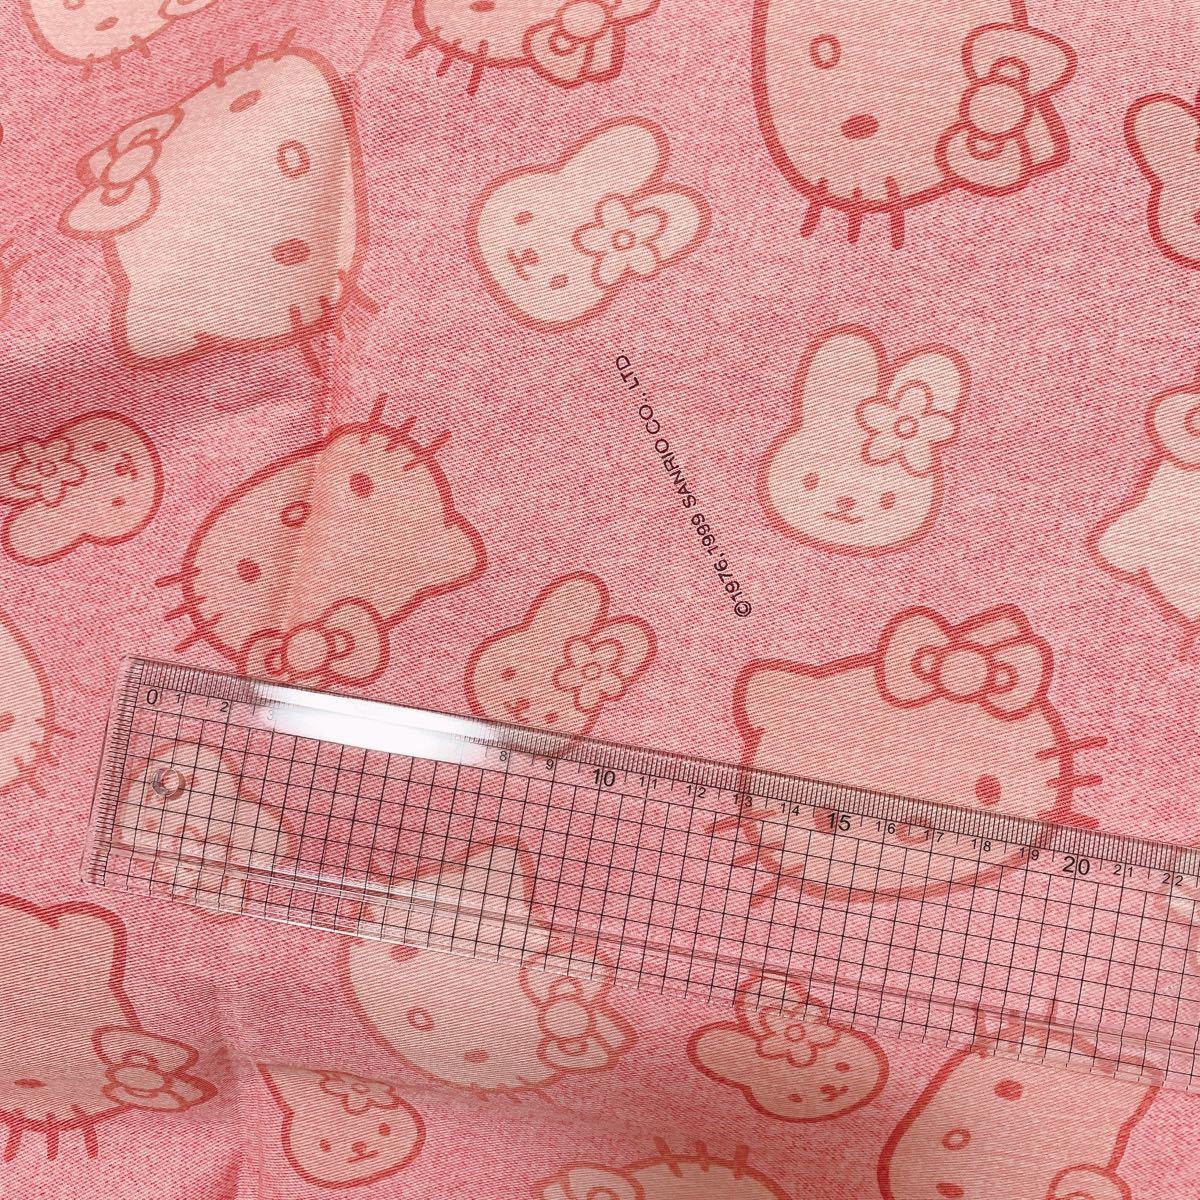 1999年製 レア キティ 赤のようなピンク ウサギさん ツイルかオックス はぎれ 生地